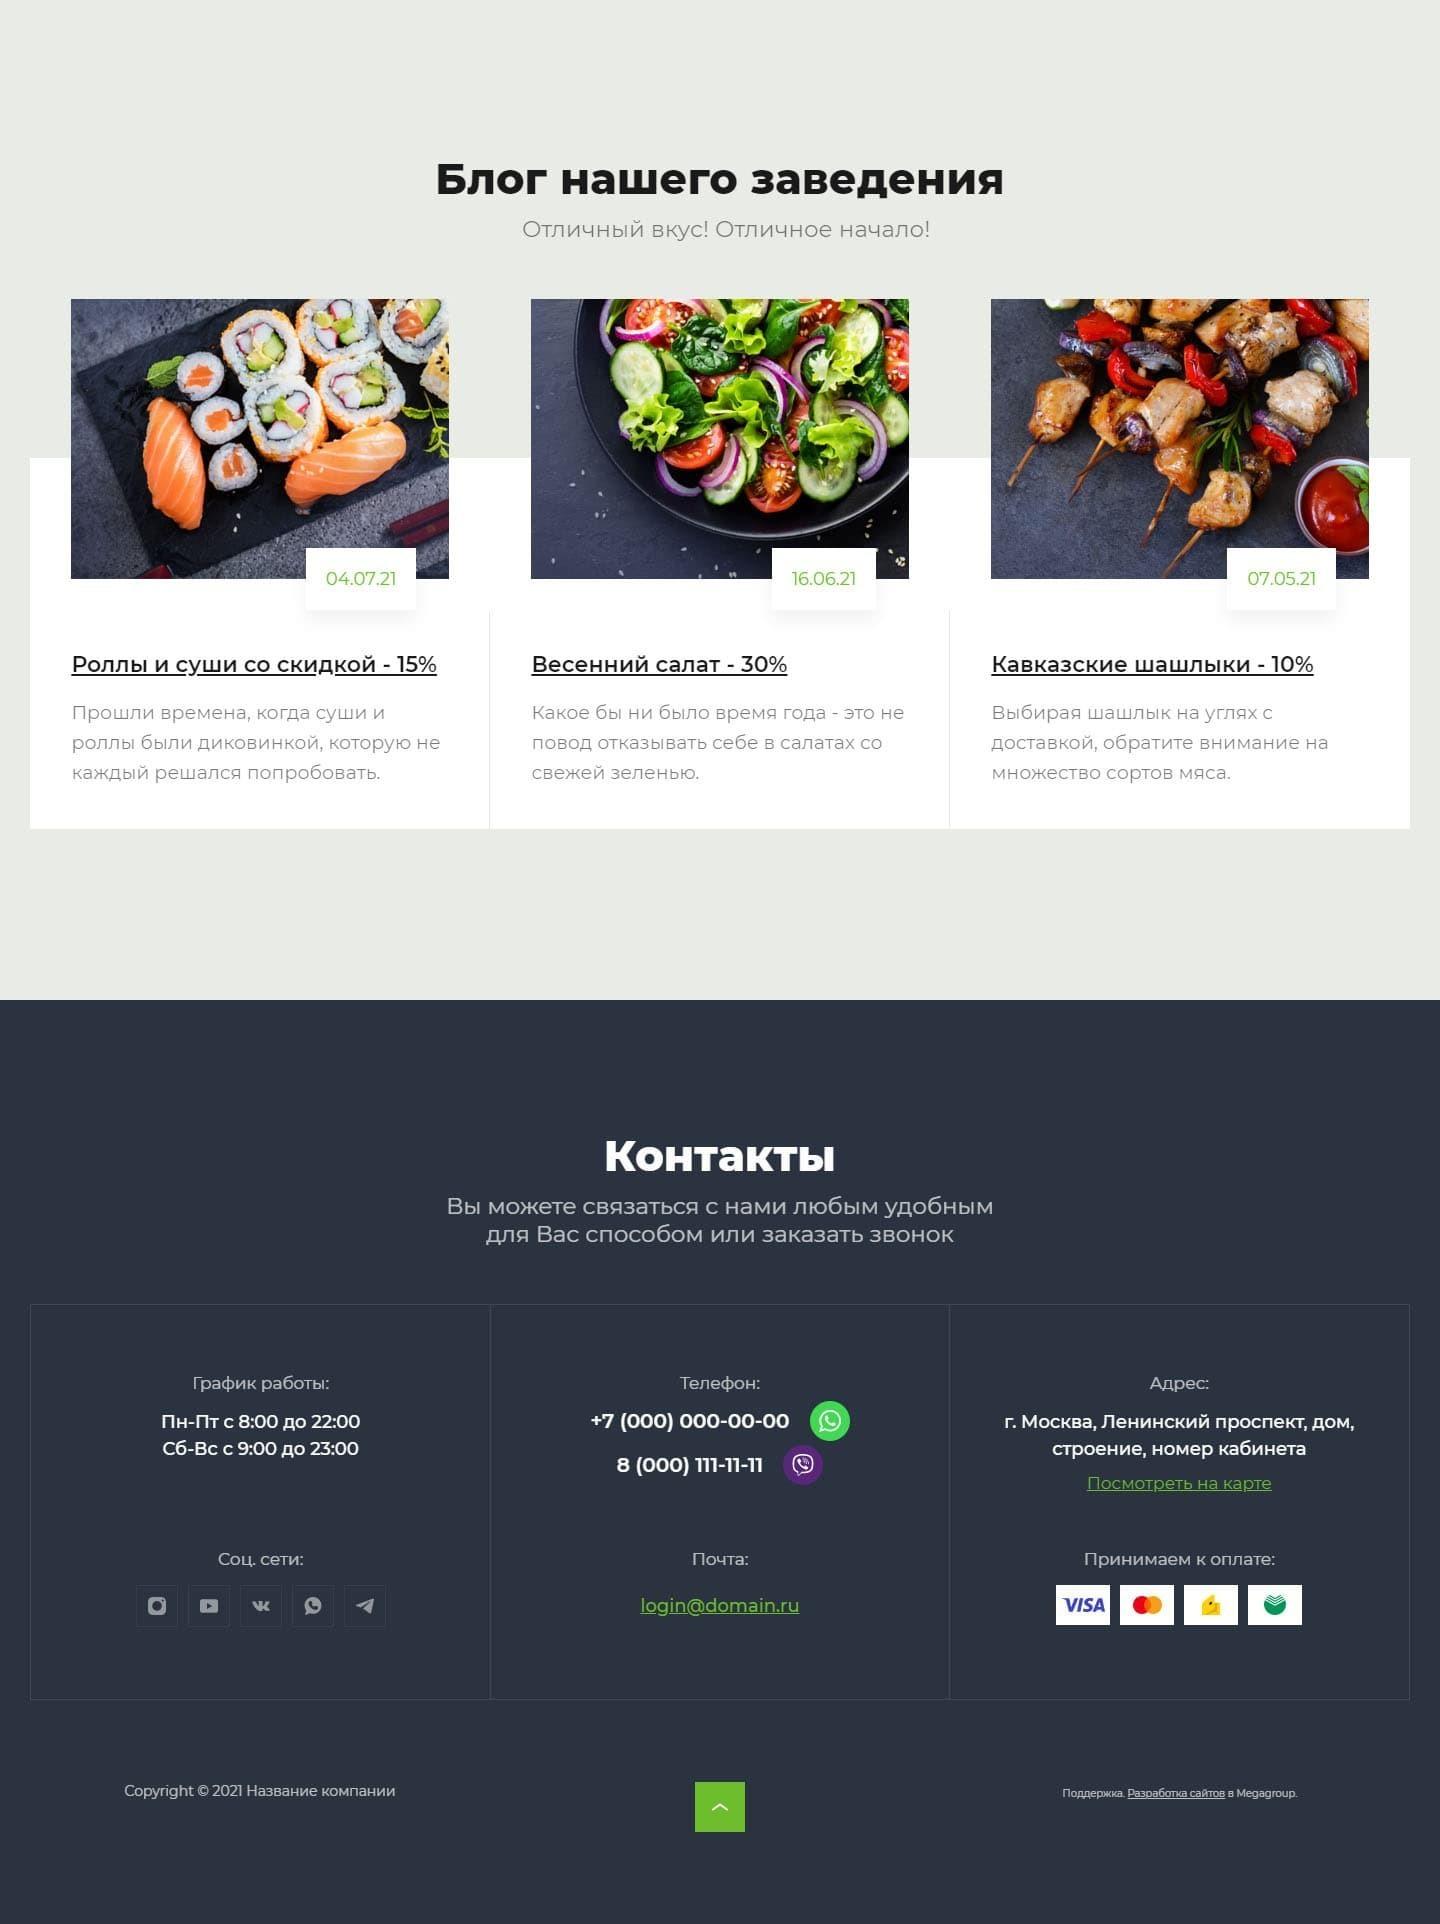 Готовый Интернет-магазин № 3083832 - Кафе, ресторан с доставкой (Блог и контакты)